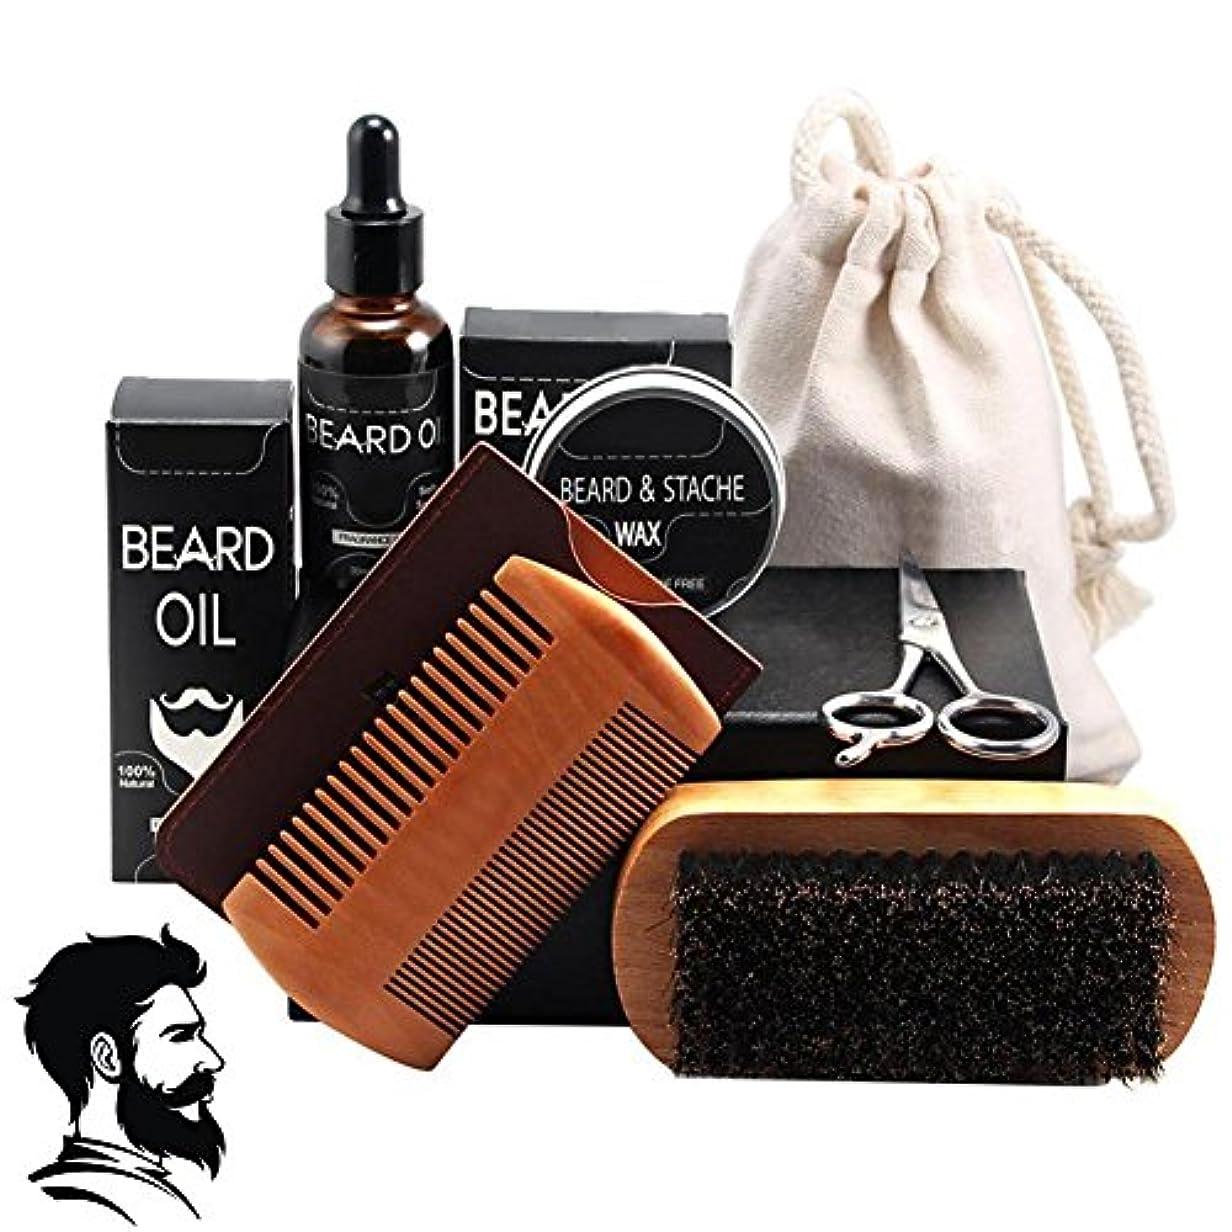 代わりに四分円解決あごひげ油、男性の口ひげフルセットヘアケアツール(ひげワックスくし付き)(7PCSのパック)用シェービングブラシプロフェッショナルフェイシャルトリミングハサミ